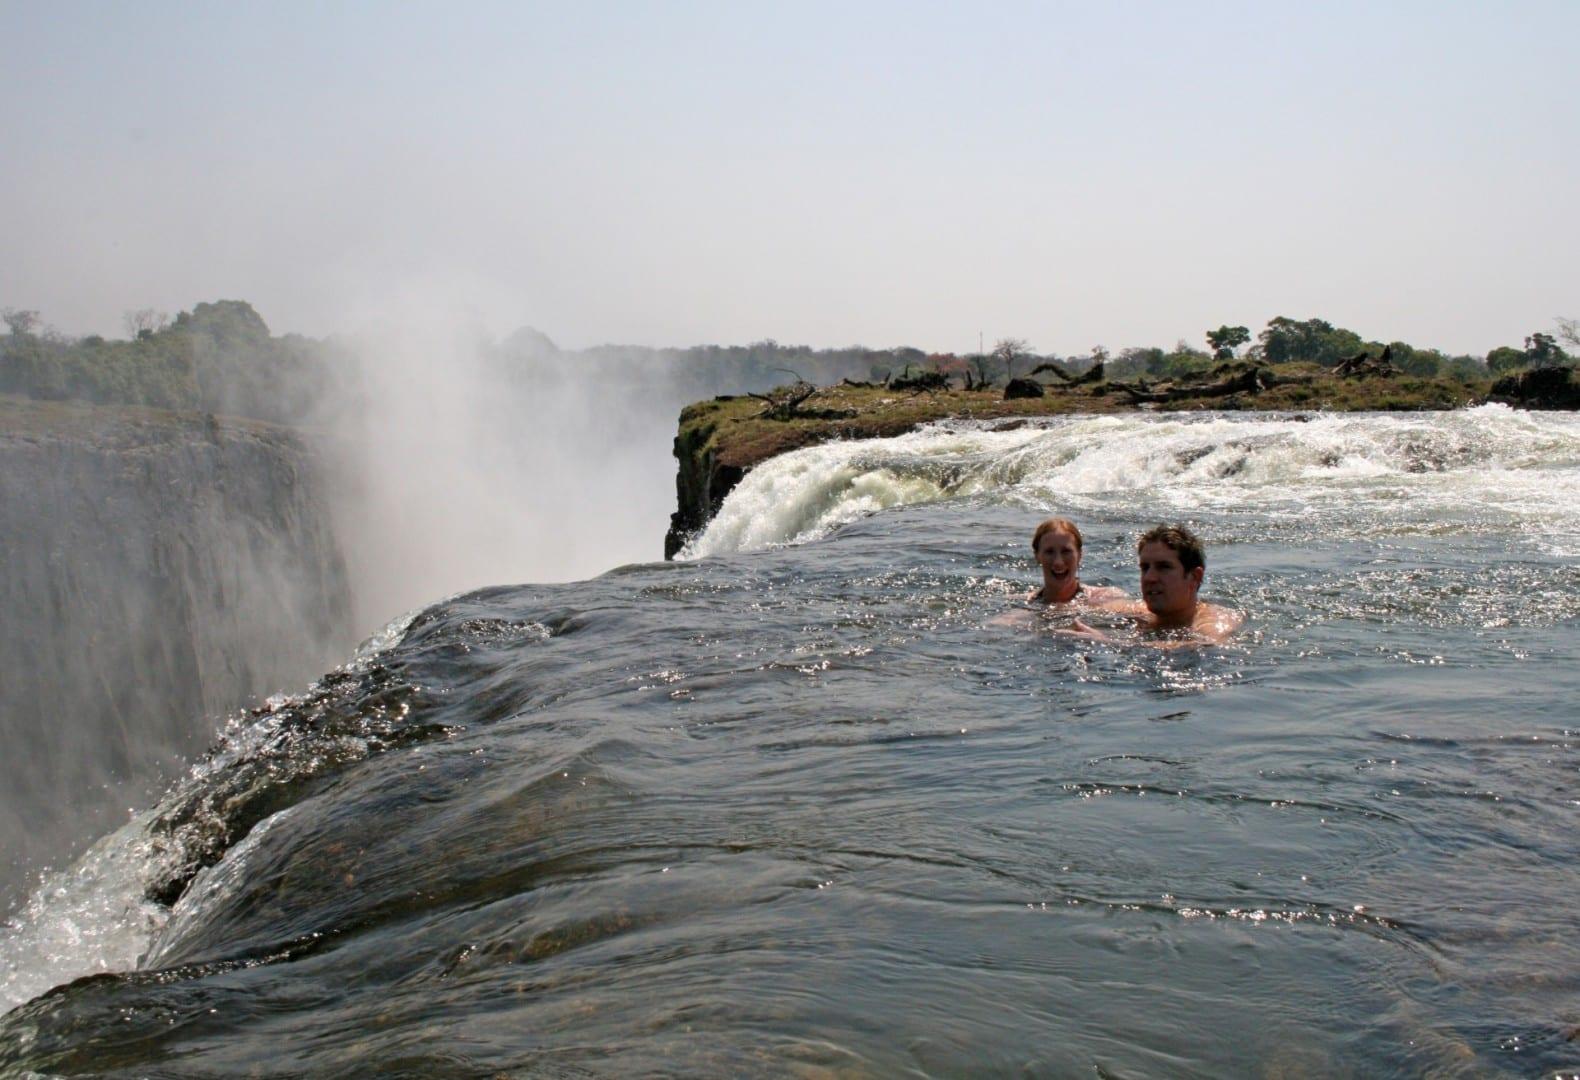 Increíblemente, es posible nadar con seguridad en piscinas naturales en la parte superior de las cataratas, en el lado de Zambia. Victoria Falls Zimbabue